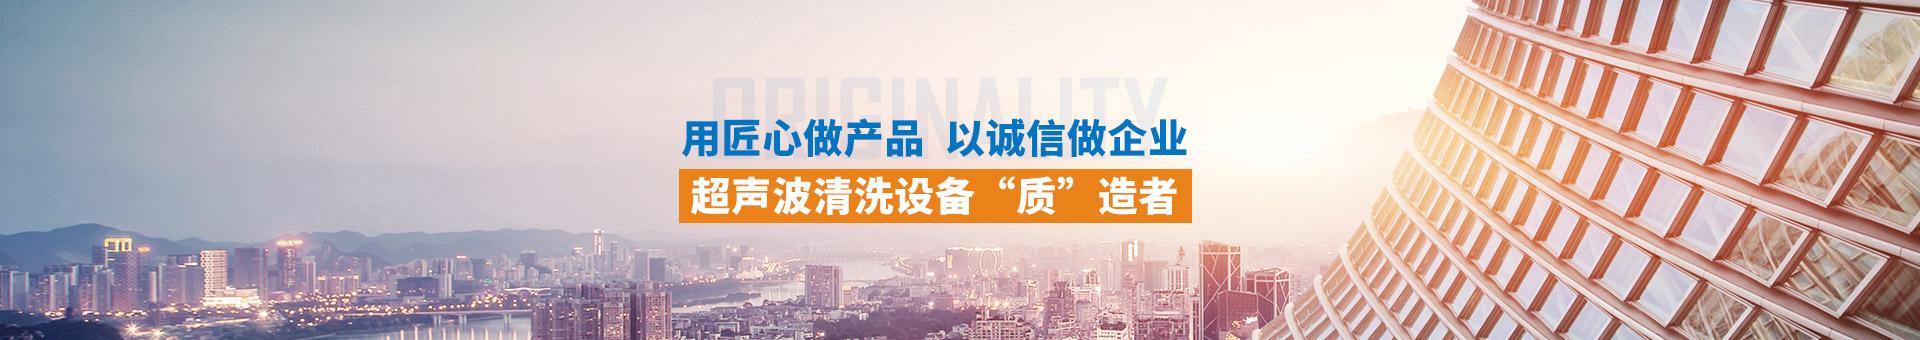 金泰瀛-用匠心做产品,以诚信做企业